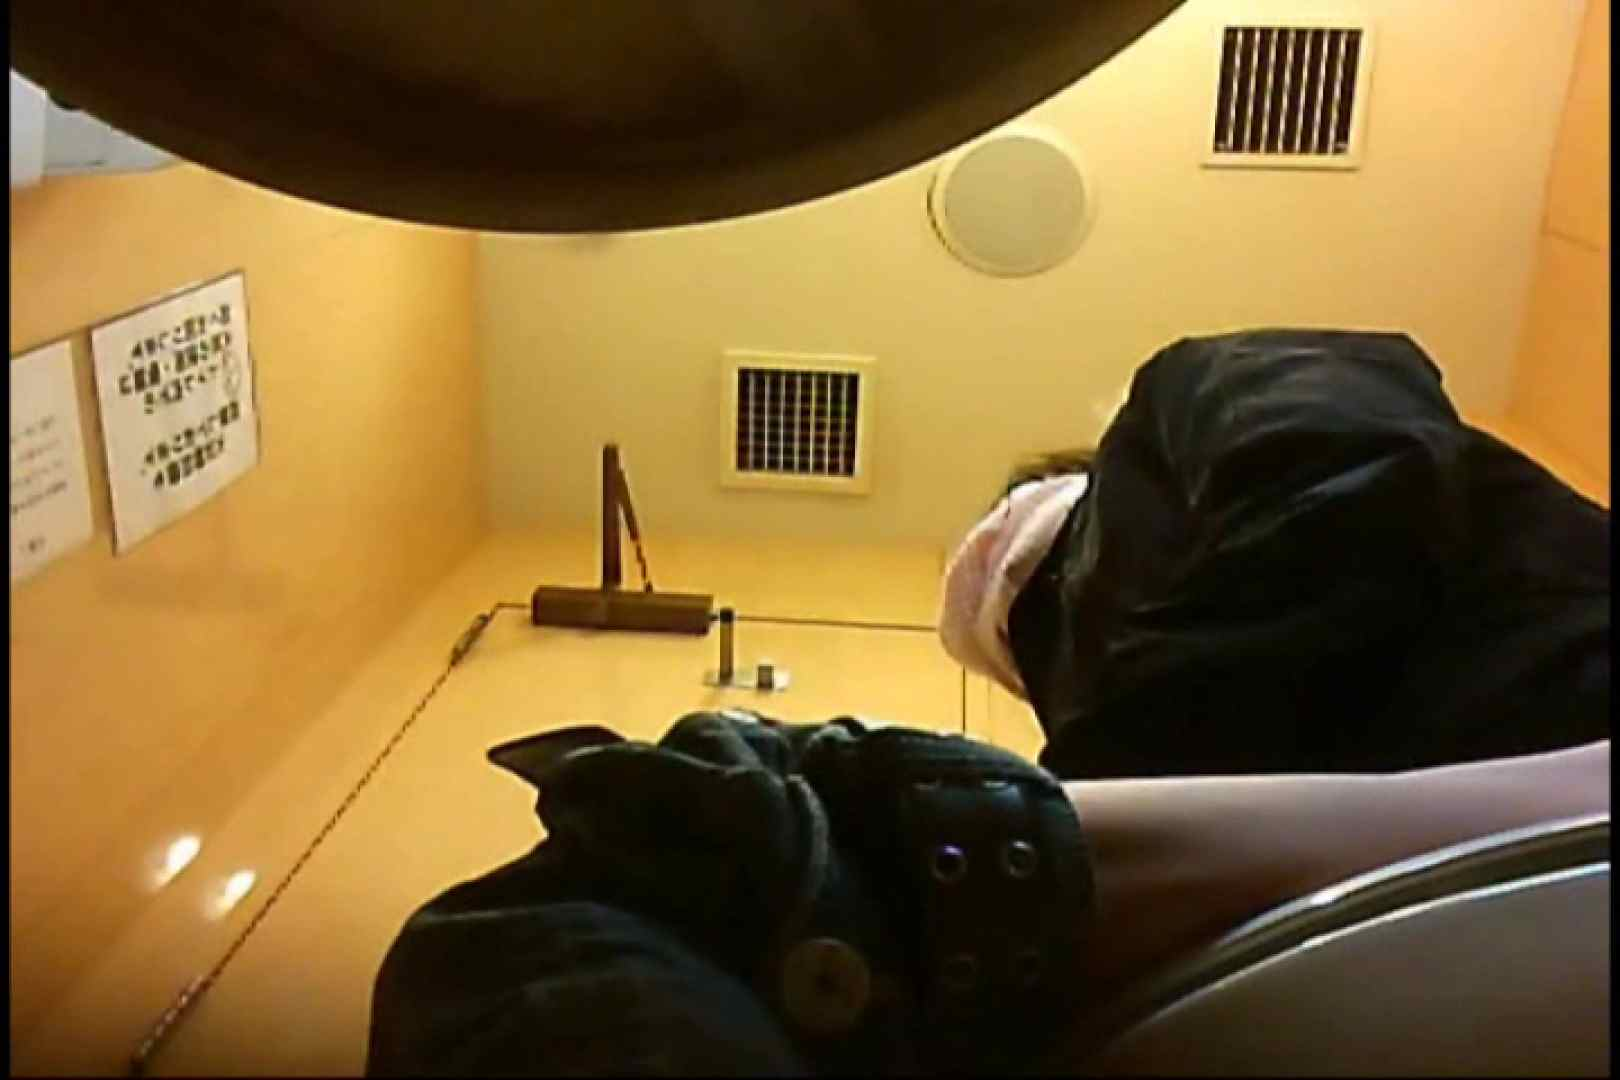 マダムが集まるデパートお手洗い Vol.26 お手洗い AV無料動画キャプチャ 103pic 2